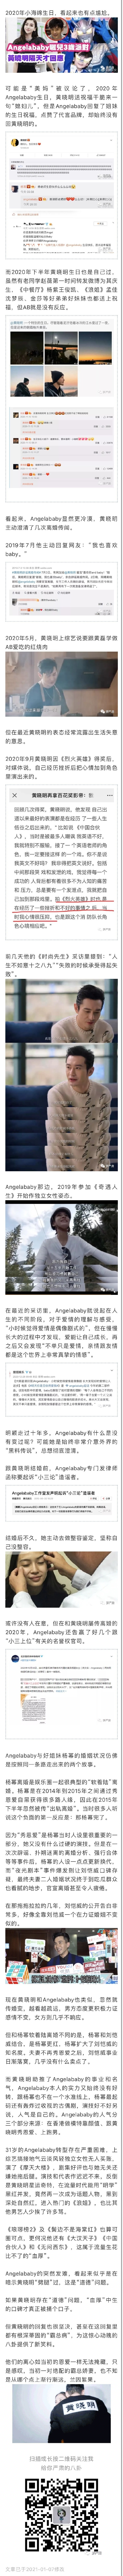 黄晓明和Angelababy为何走到这一步?